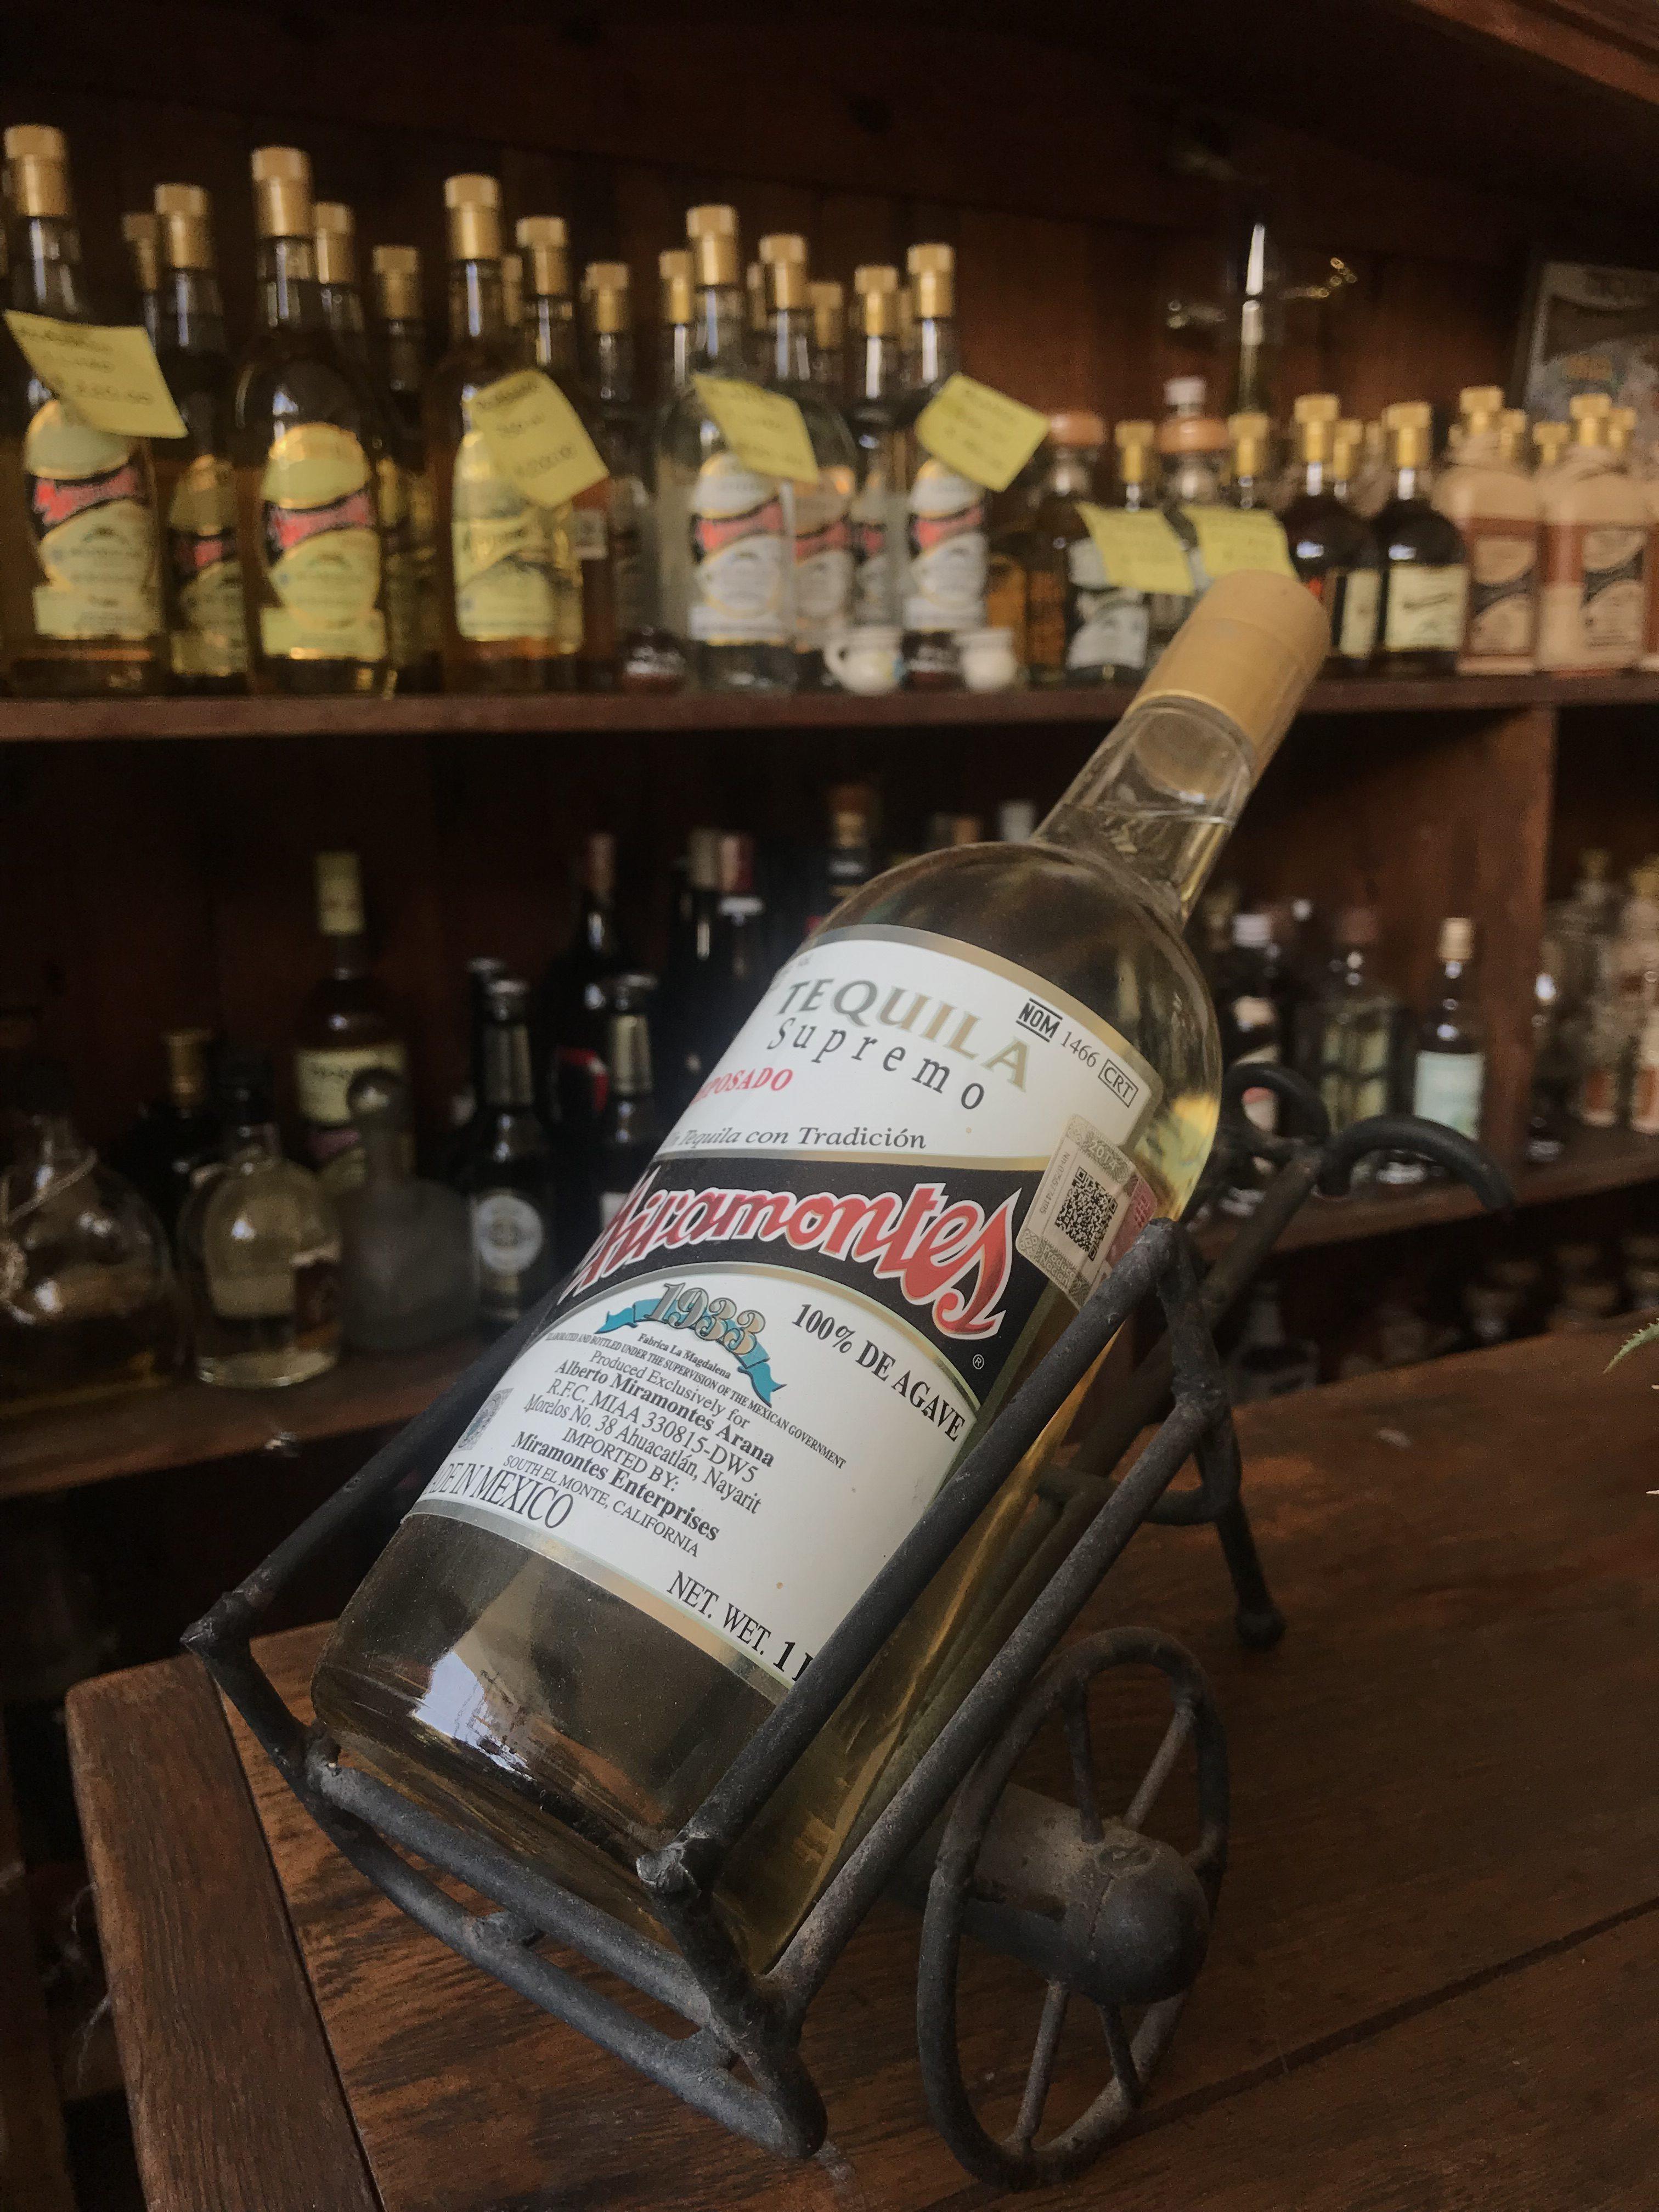 Tequila Miramontes